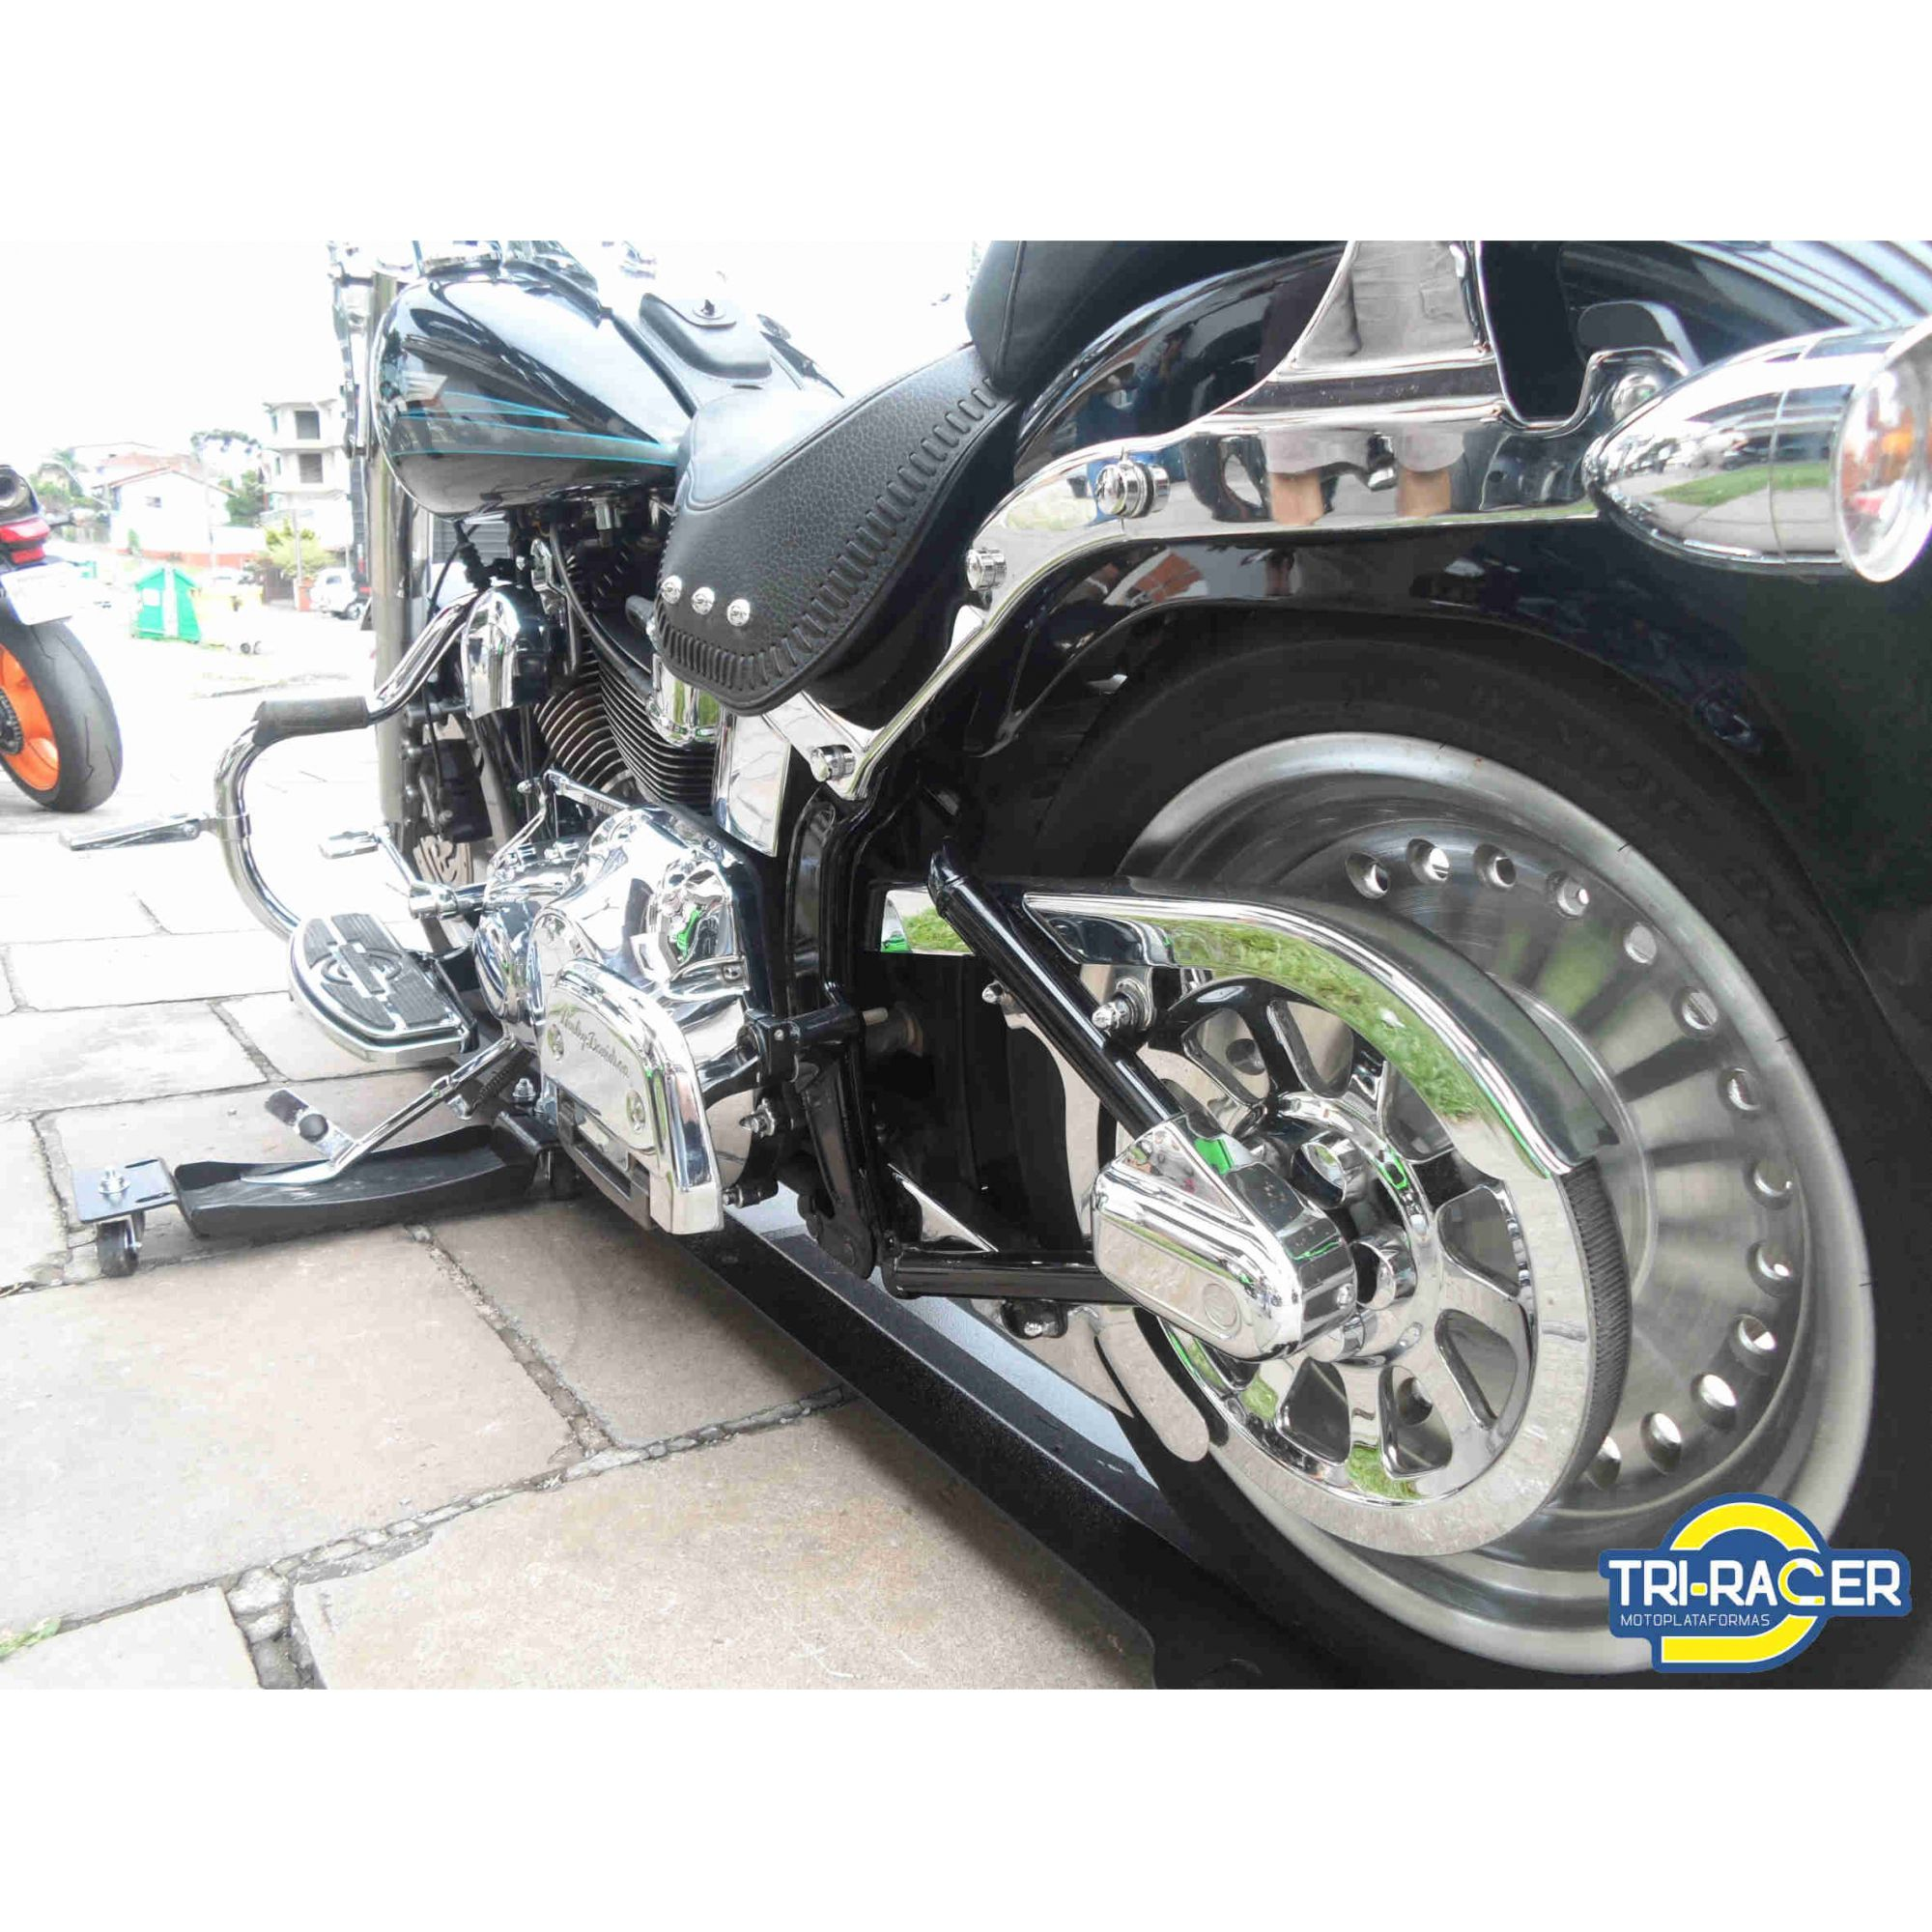 Moto Plataforma P/ Estacionar  Tr-4000 - até 400kg